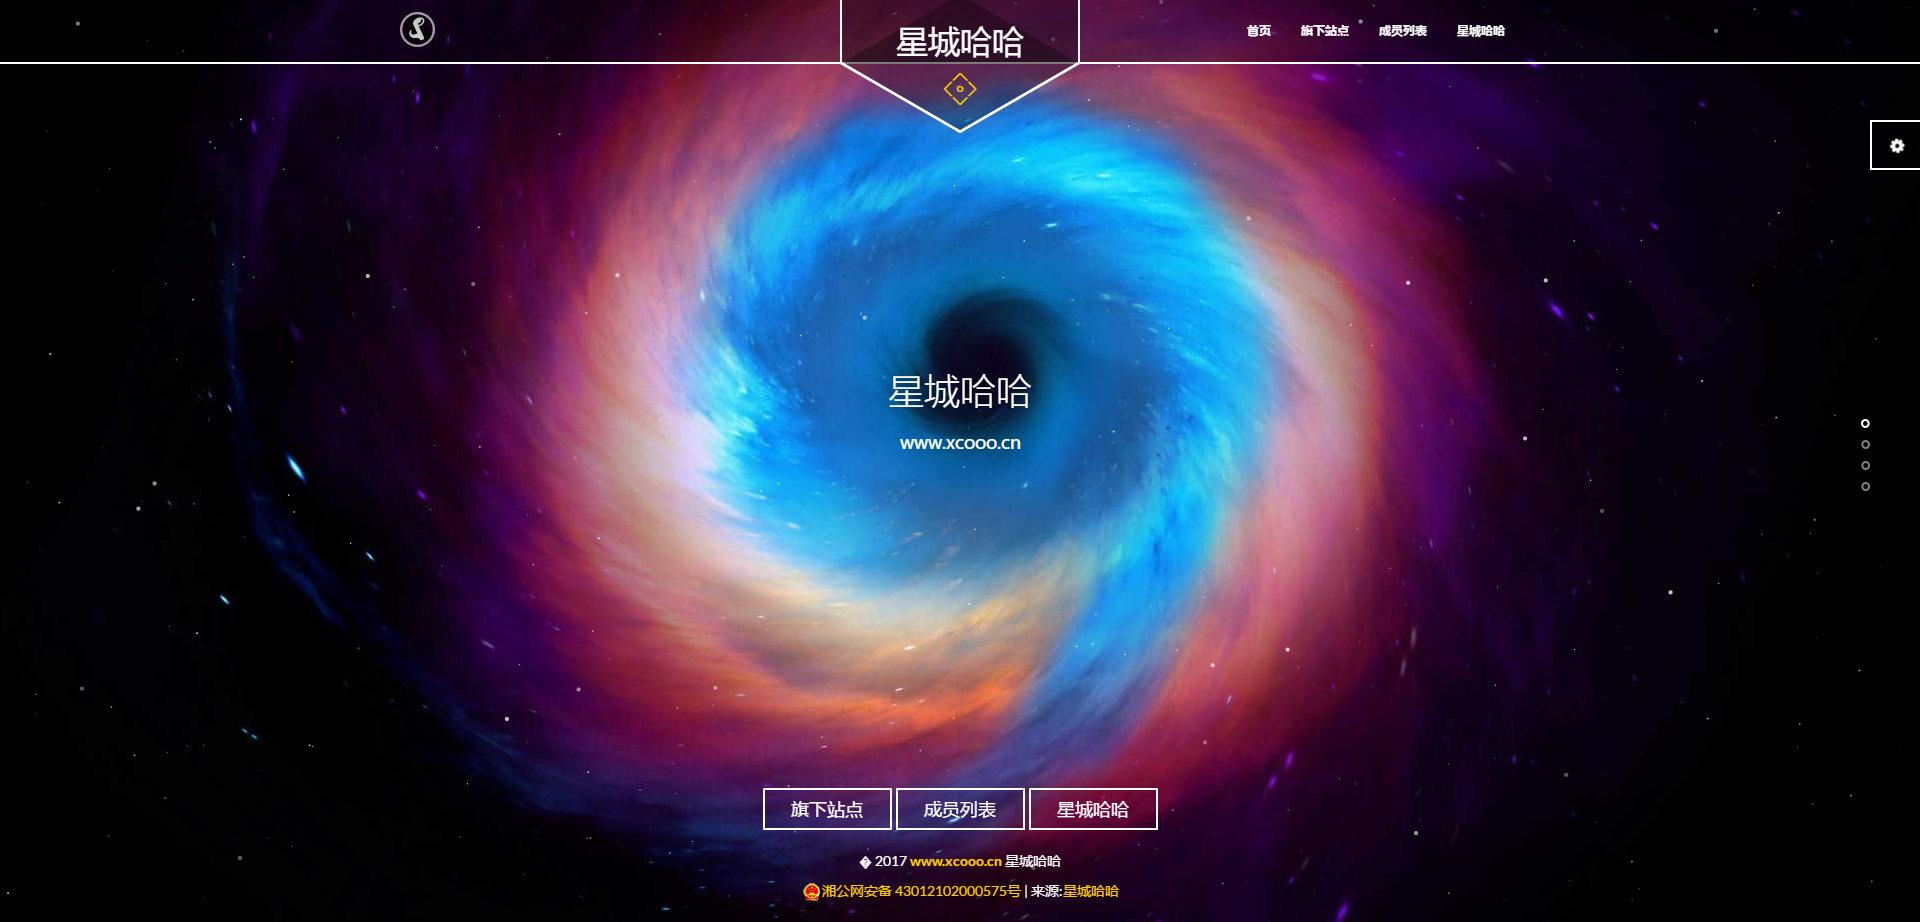 最新太空系炫酷星空官网